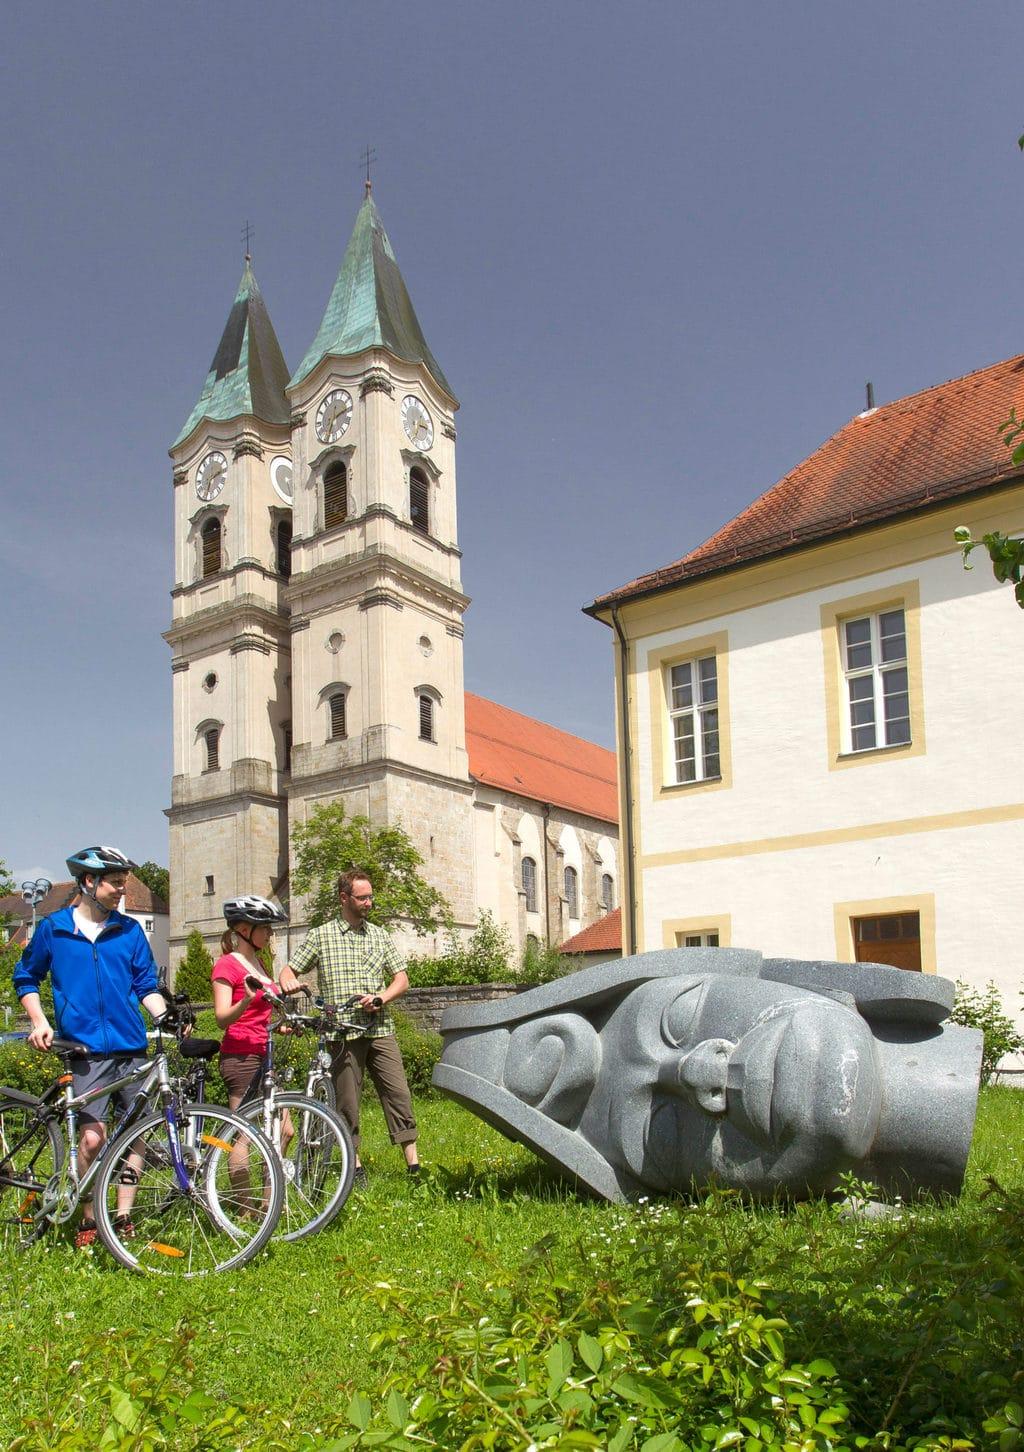 Fietsers met sculptuur bij Deggendorf aan de Isar